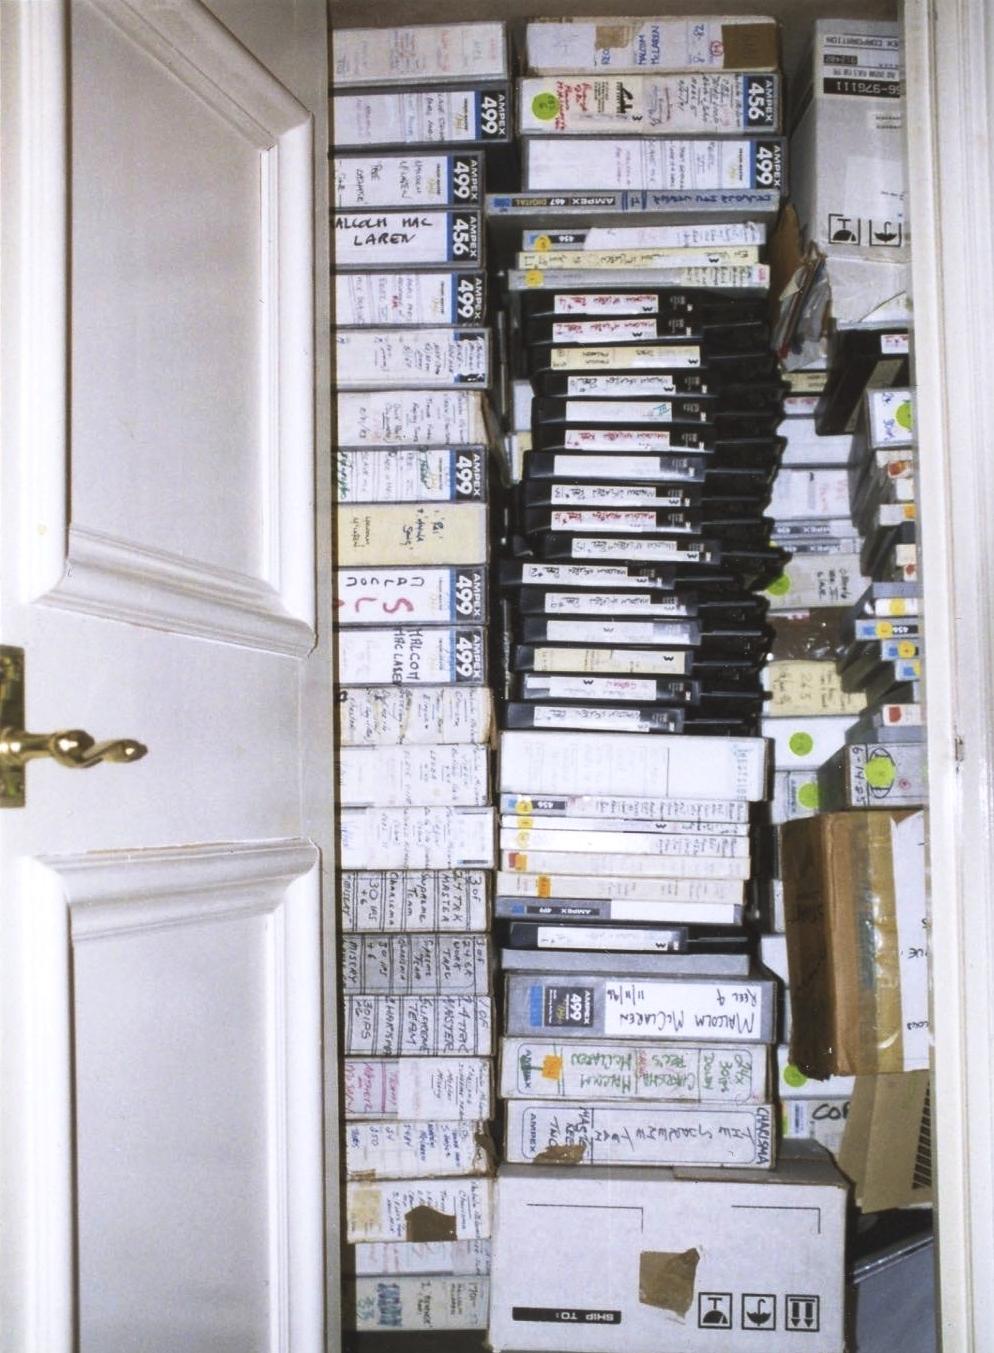 Malcolm McLaren's Multitracks Vault